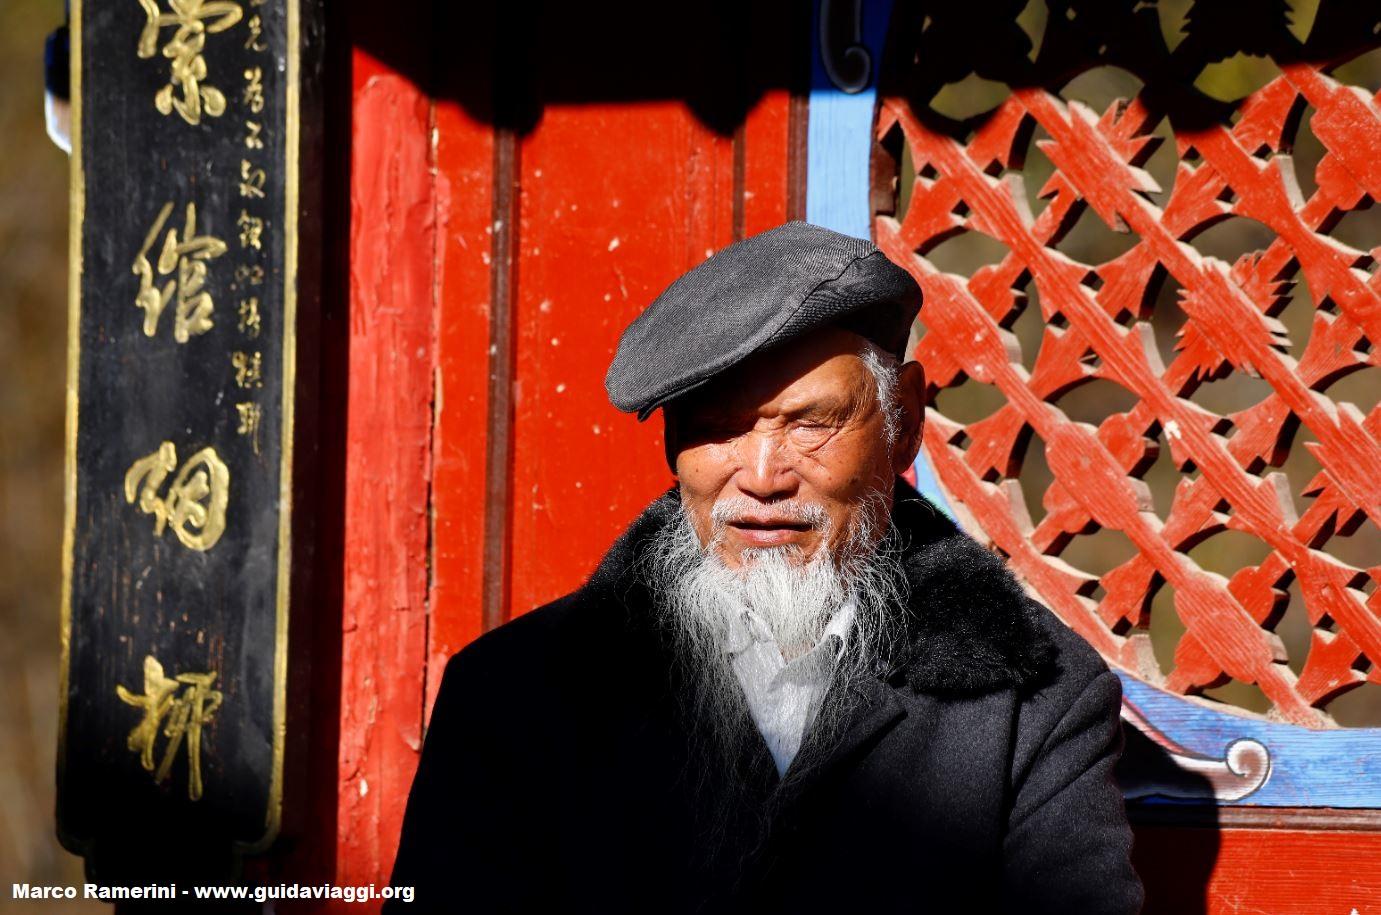 Uomo, Shigu, Yunnan, Cina. Autore e Copyright Marco Ramerini.